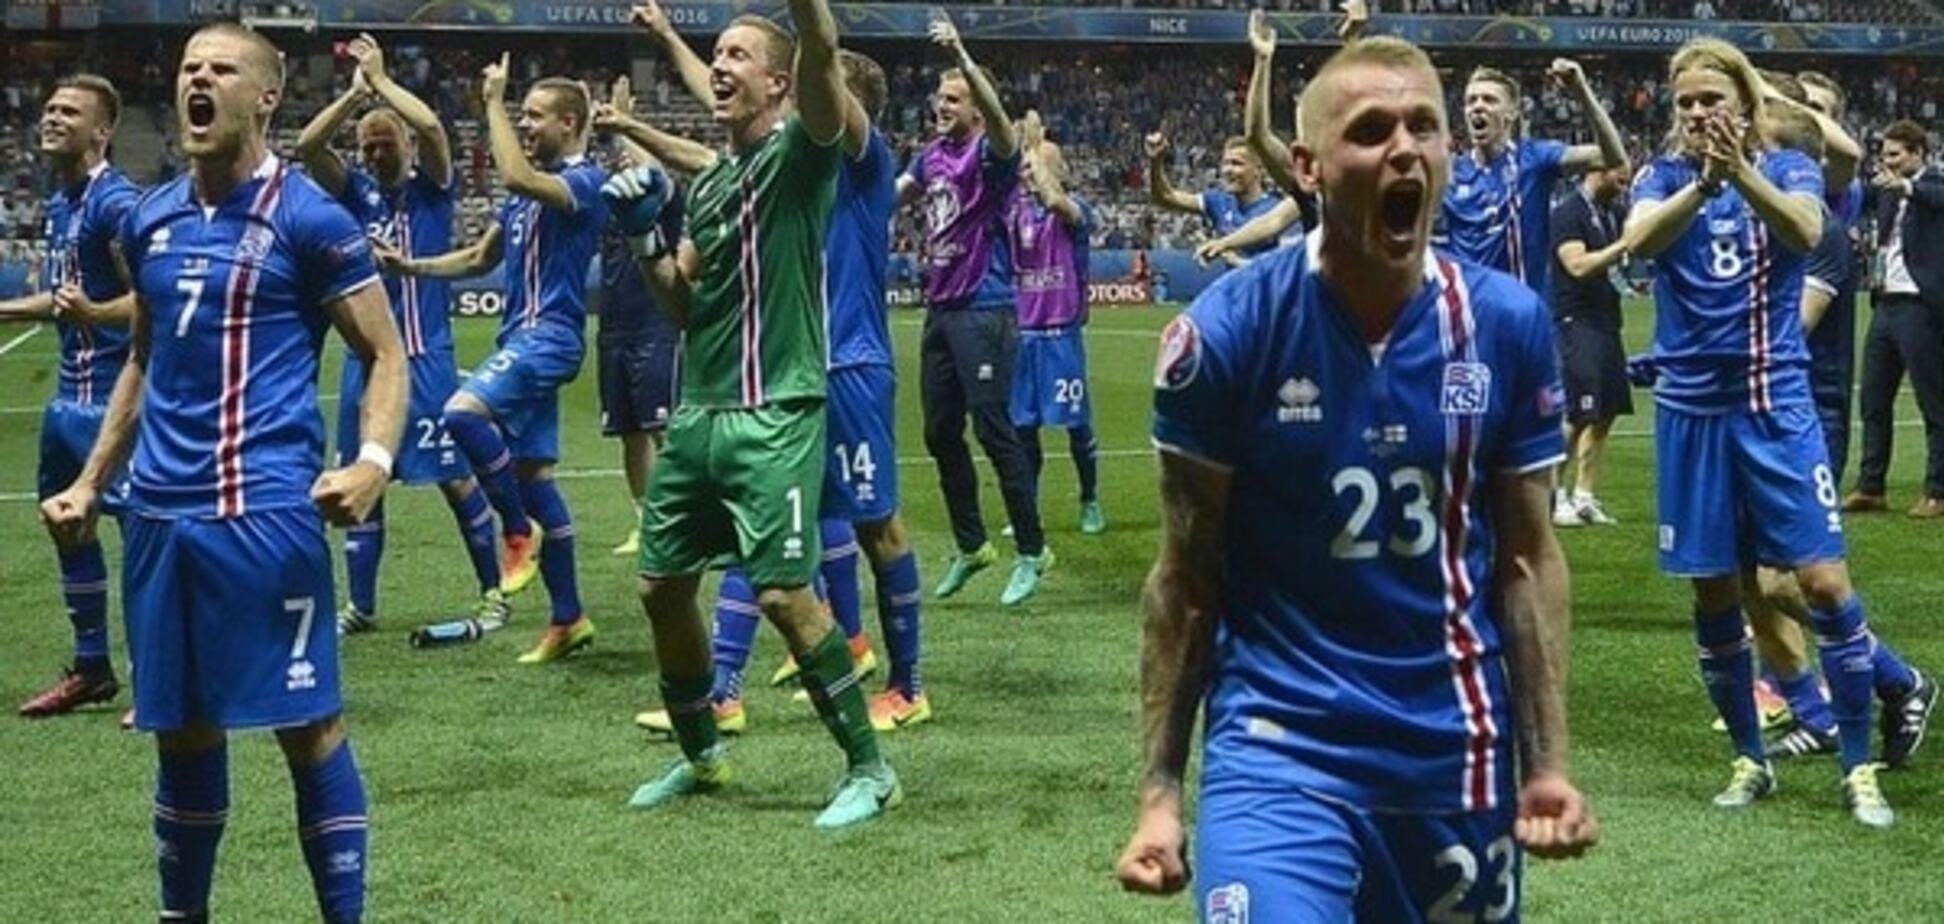 Секрет сборной Исландии. Как викинги научились играть в футбол, или Пример для Украины